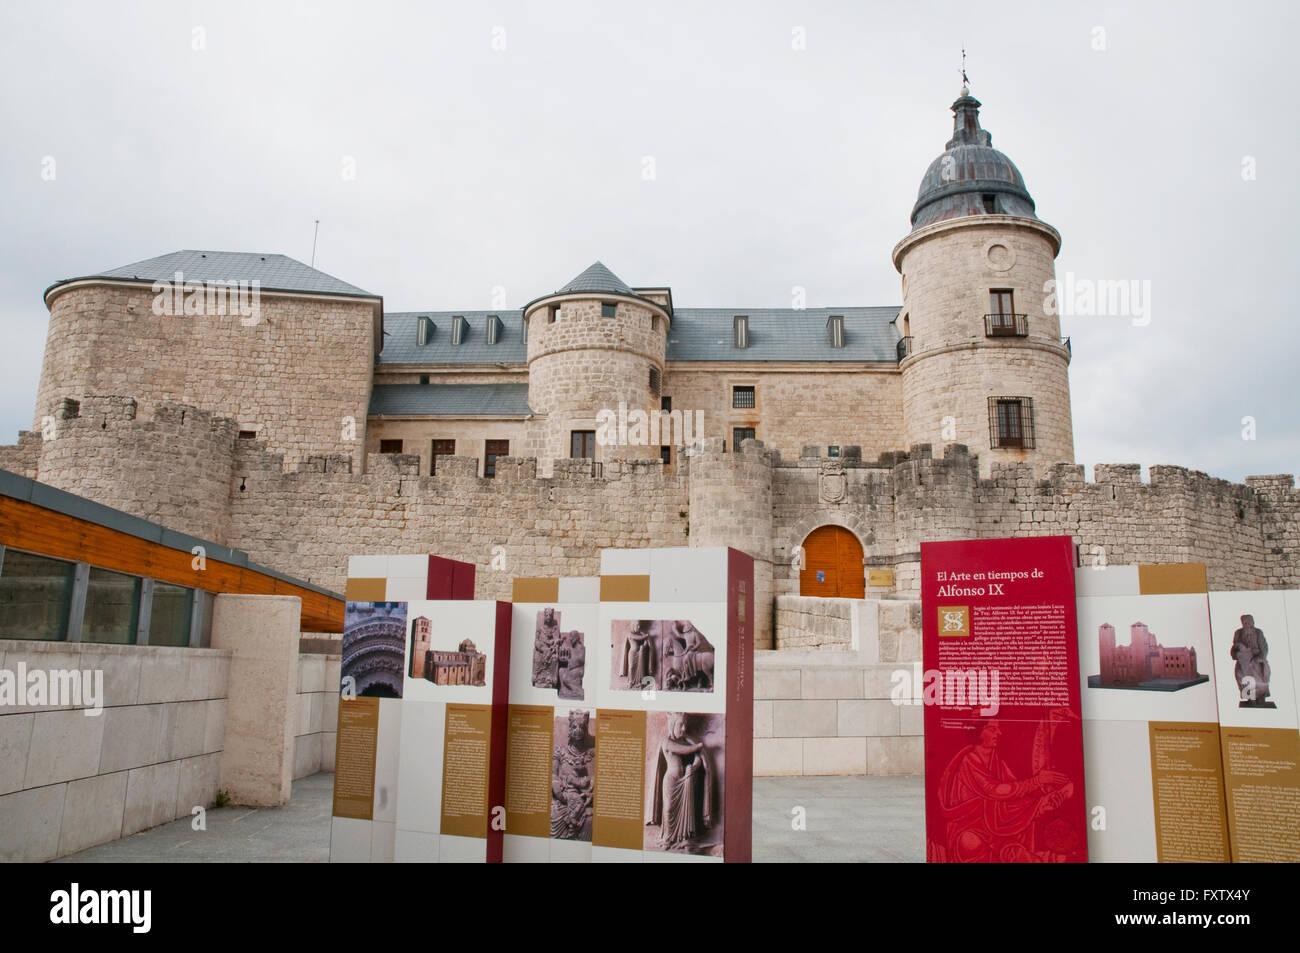 Castello medievale e mostra d'arte. Simancas, provincia di Valladolid, Castilla Leon, Spagna. Immagini Stock